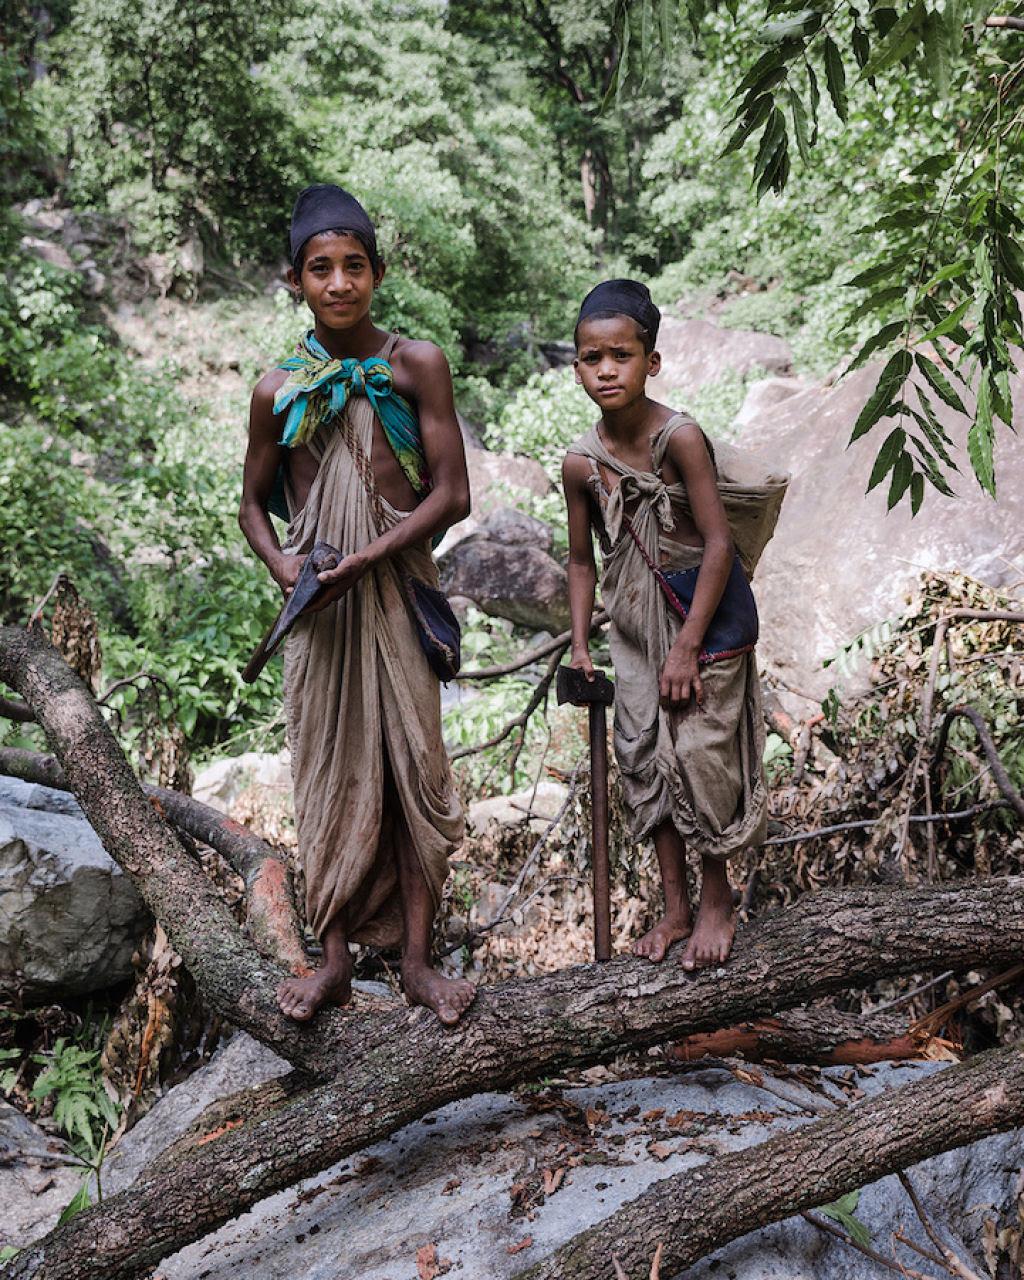 Fotógrafo documenta os últimos caçadores-coletores de tribo do Himalaia 11